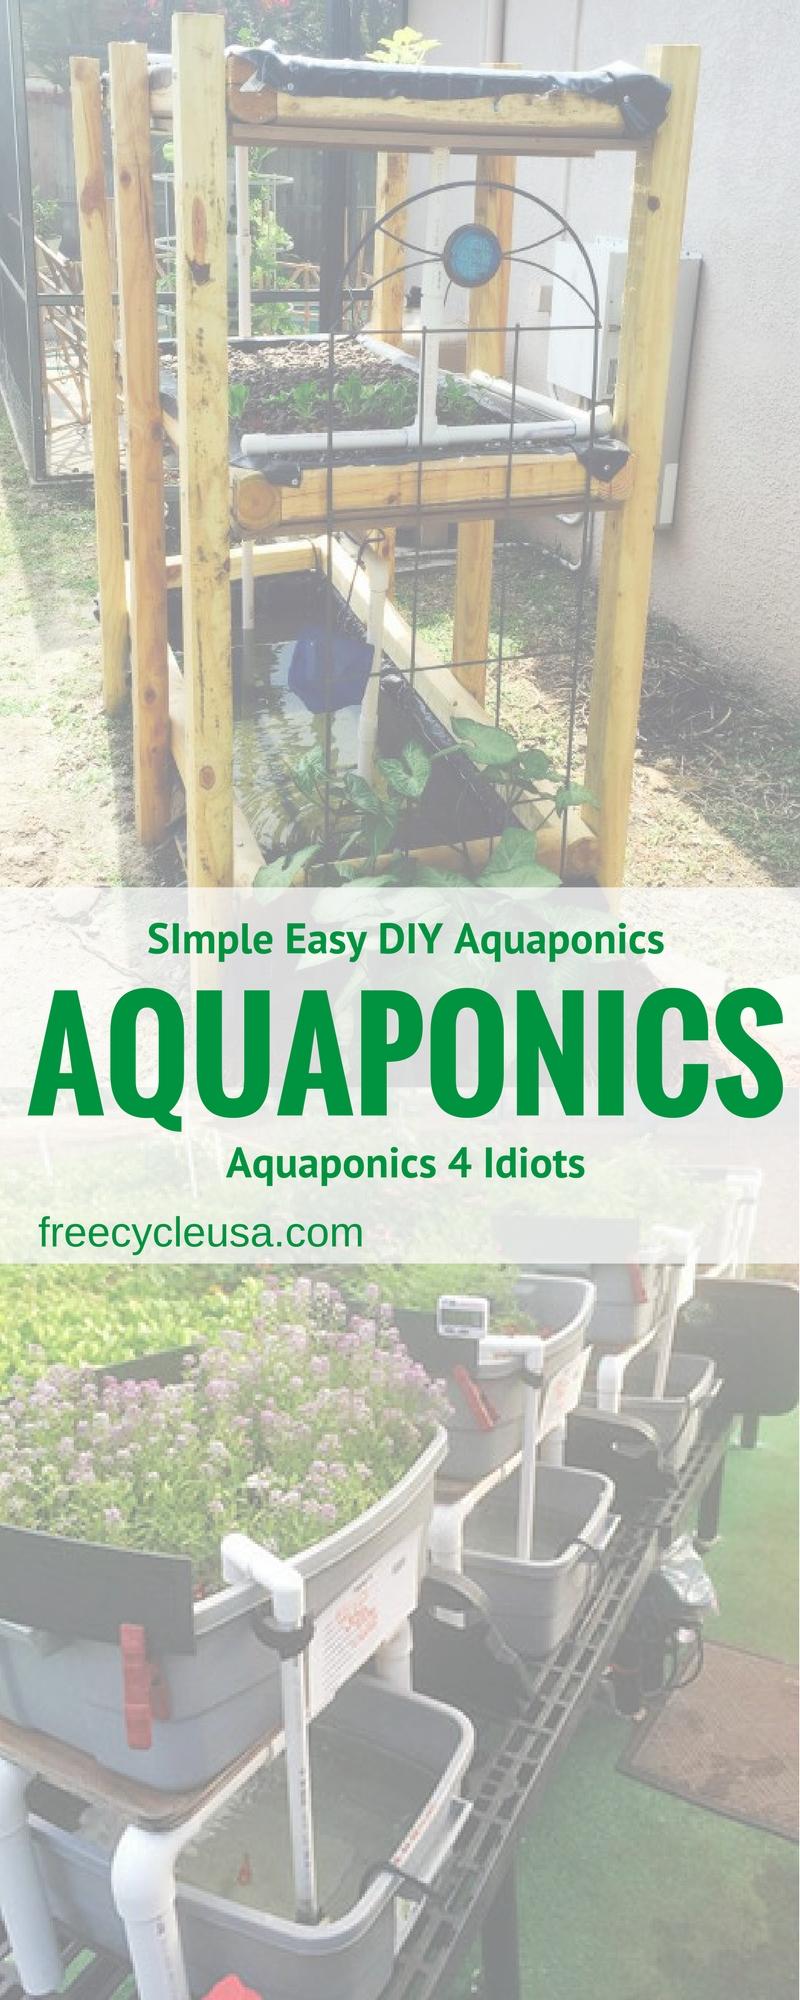 aquaponics7